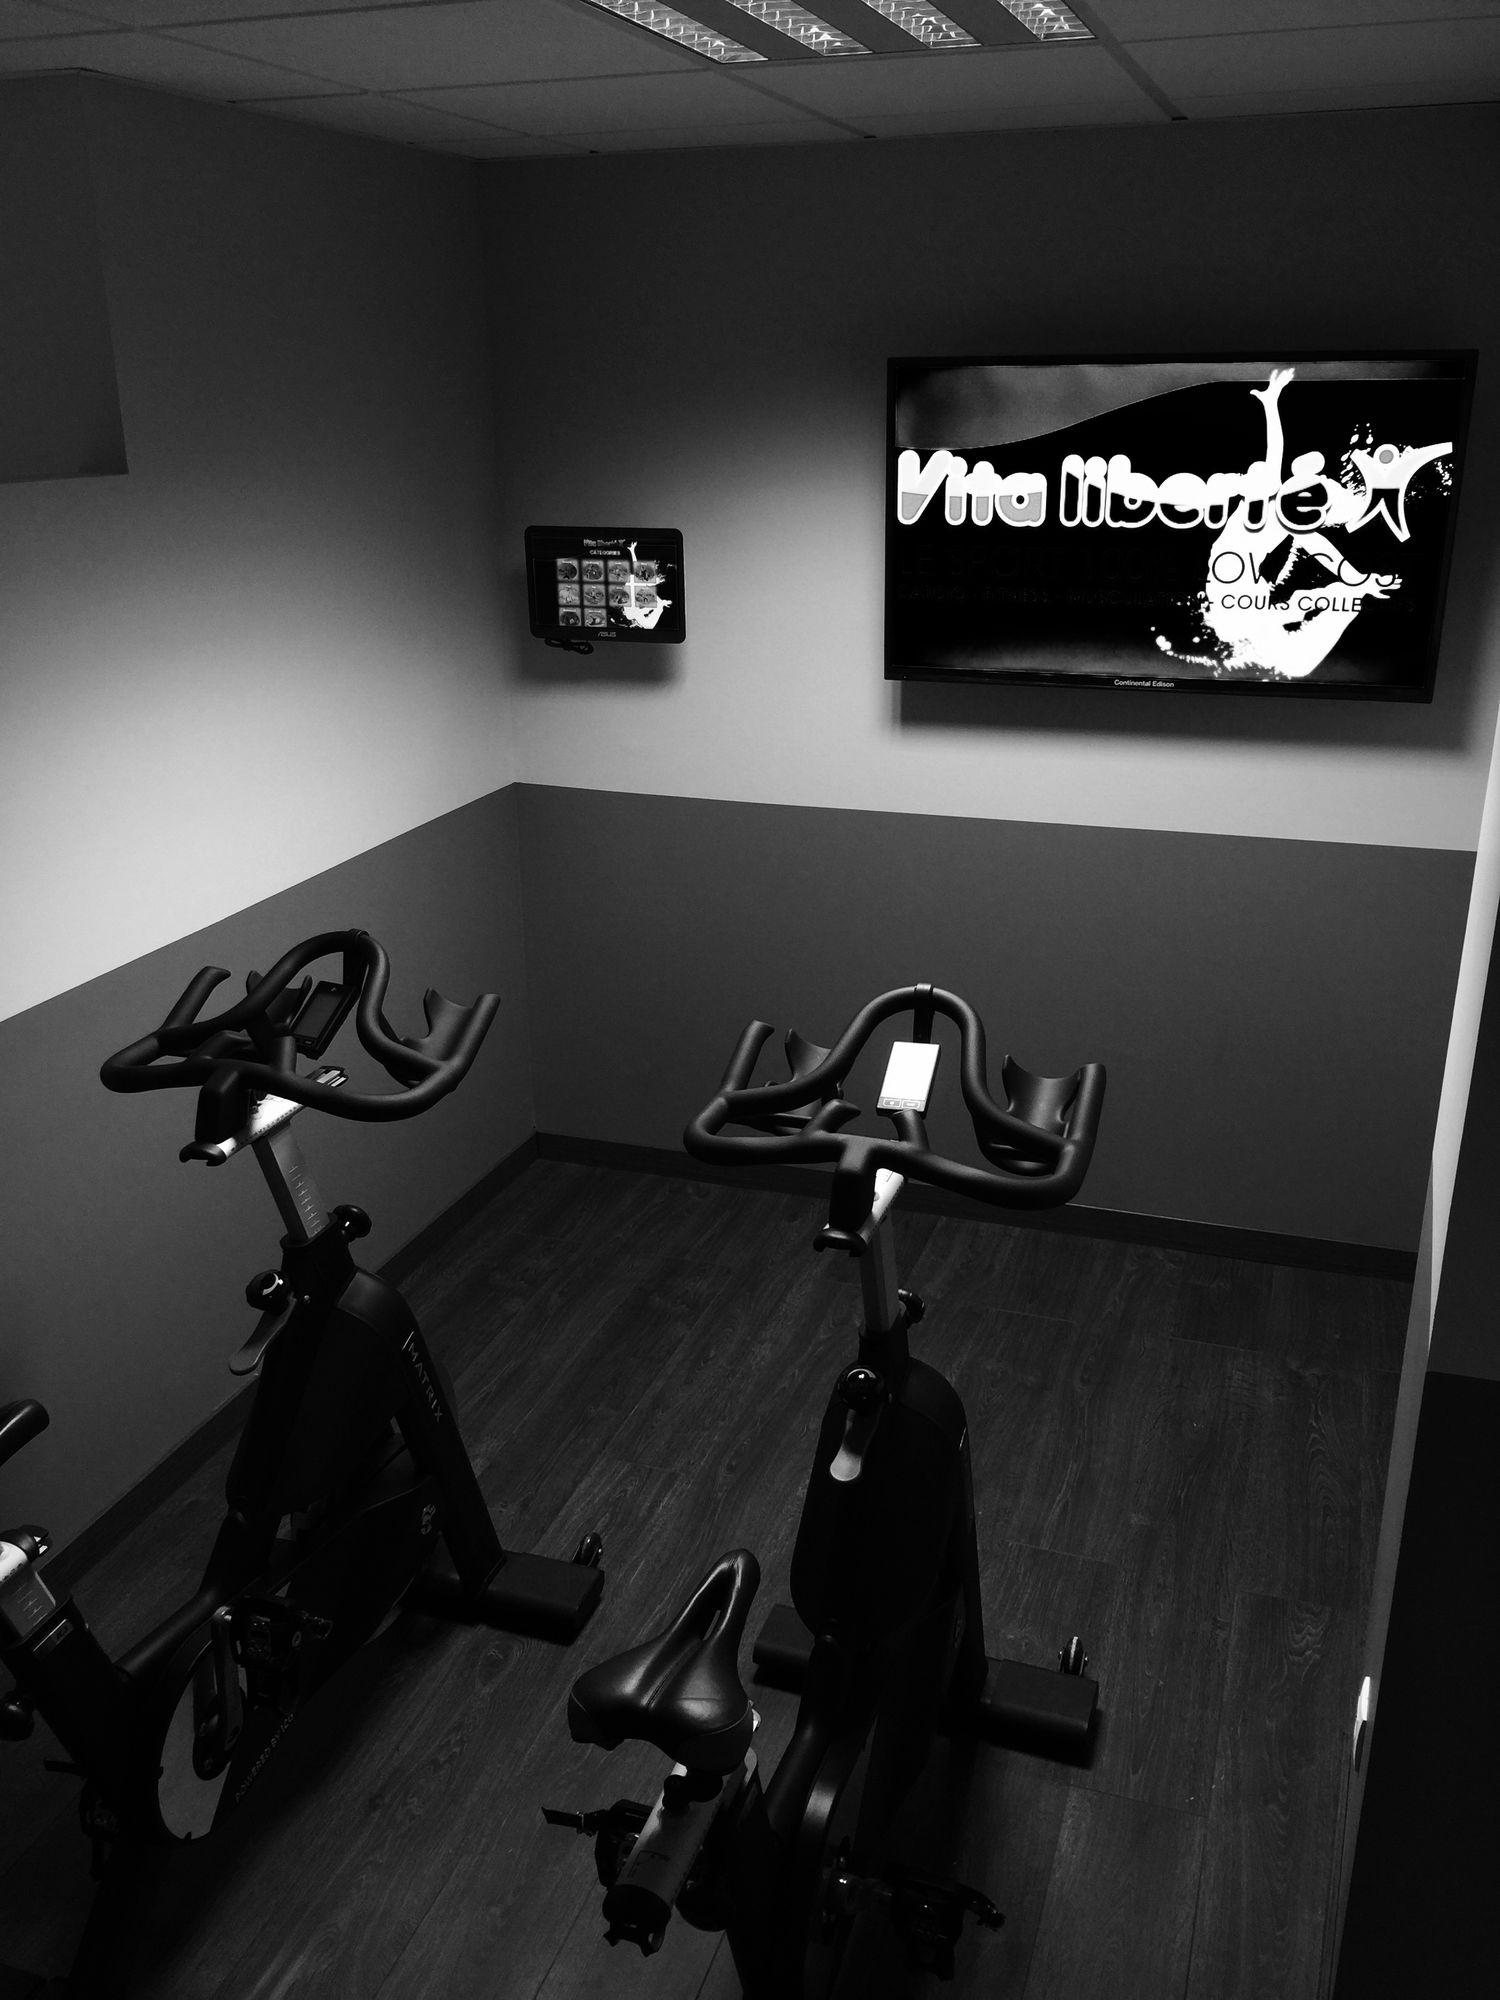 Vita liberté, salle de sport Pamiers bike